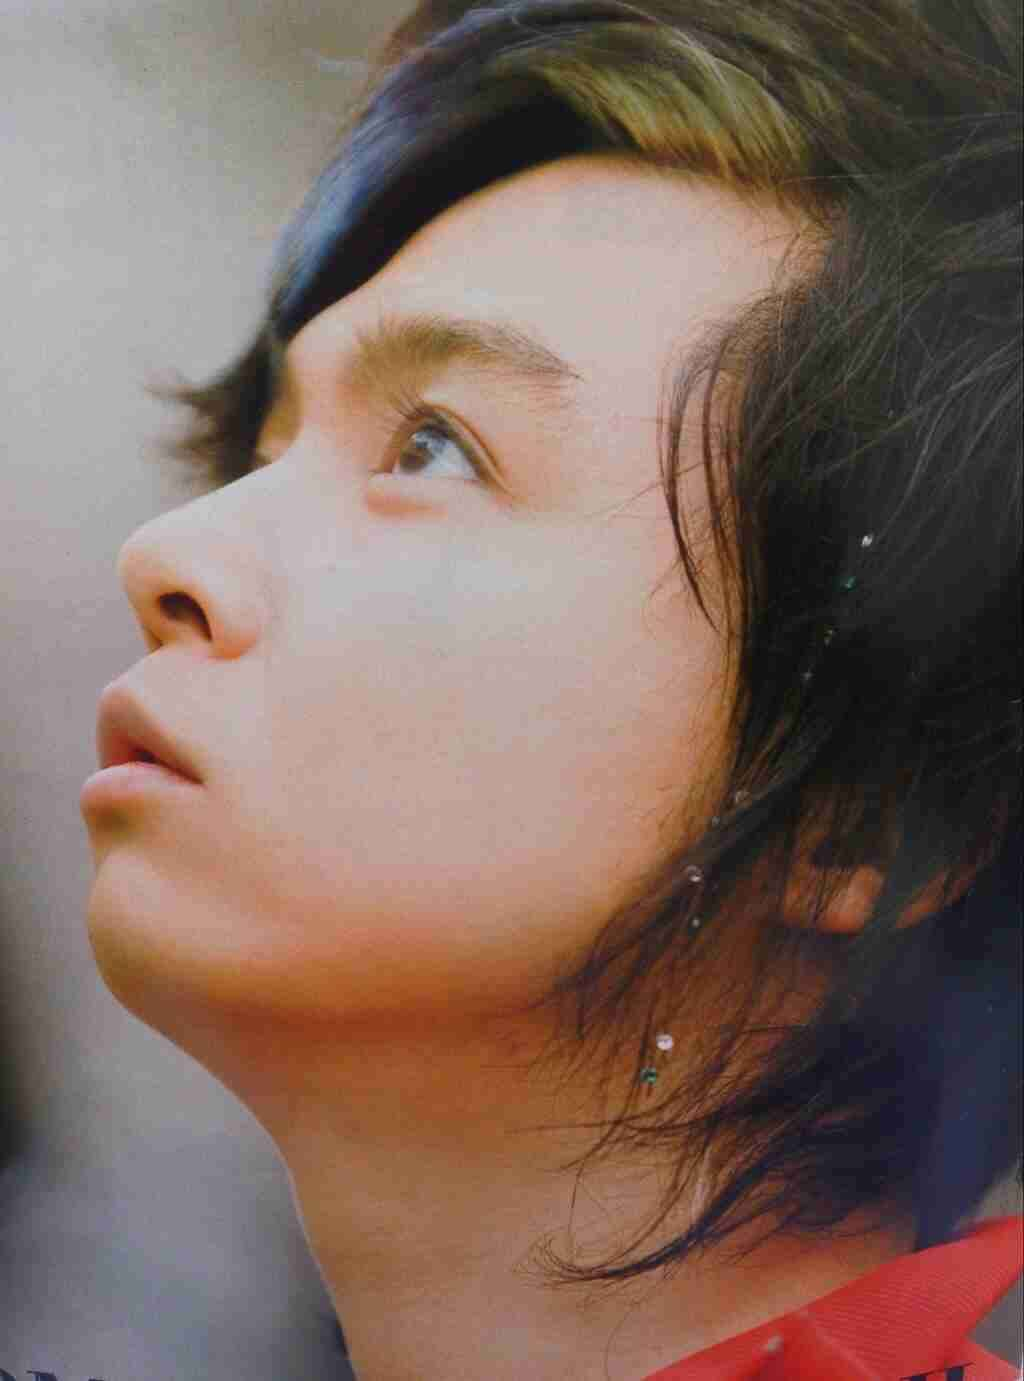 """柳楽優弥が""""堂本剛愛""""を熱弁「カリスマ。魅力ダダ漏れ」 映画「銀魂」共演で惚れ直す"""